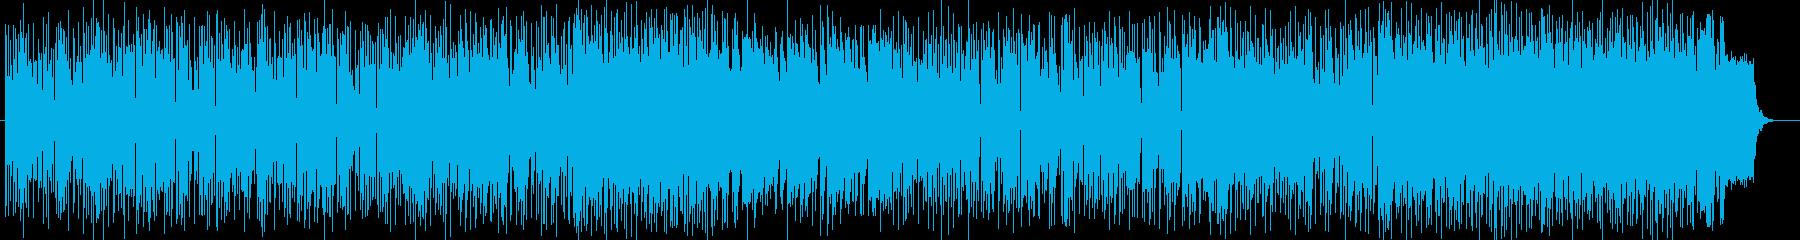 ドラマチックなピアノなどのサウンドの再生済みの波形